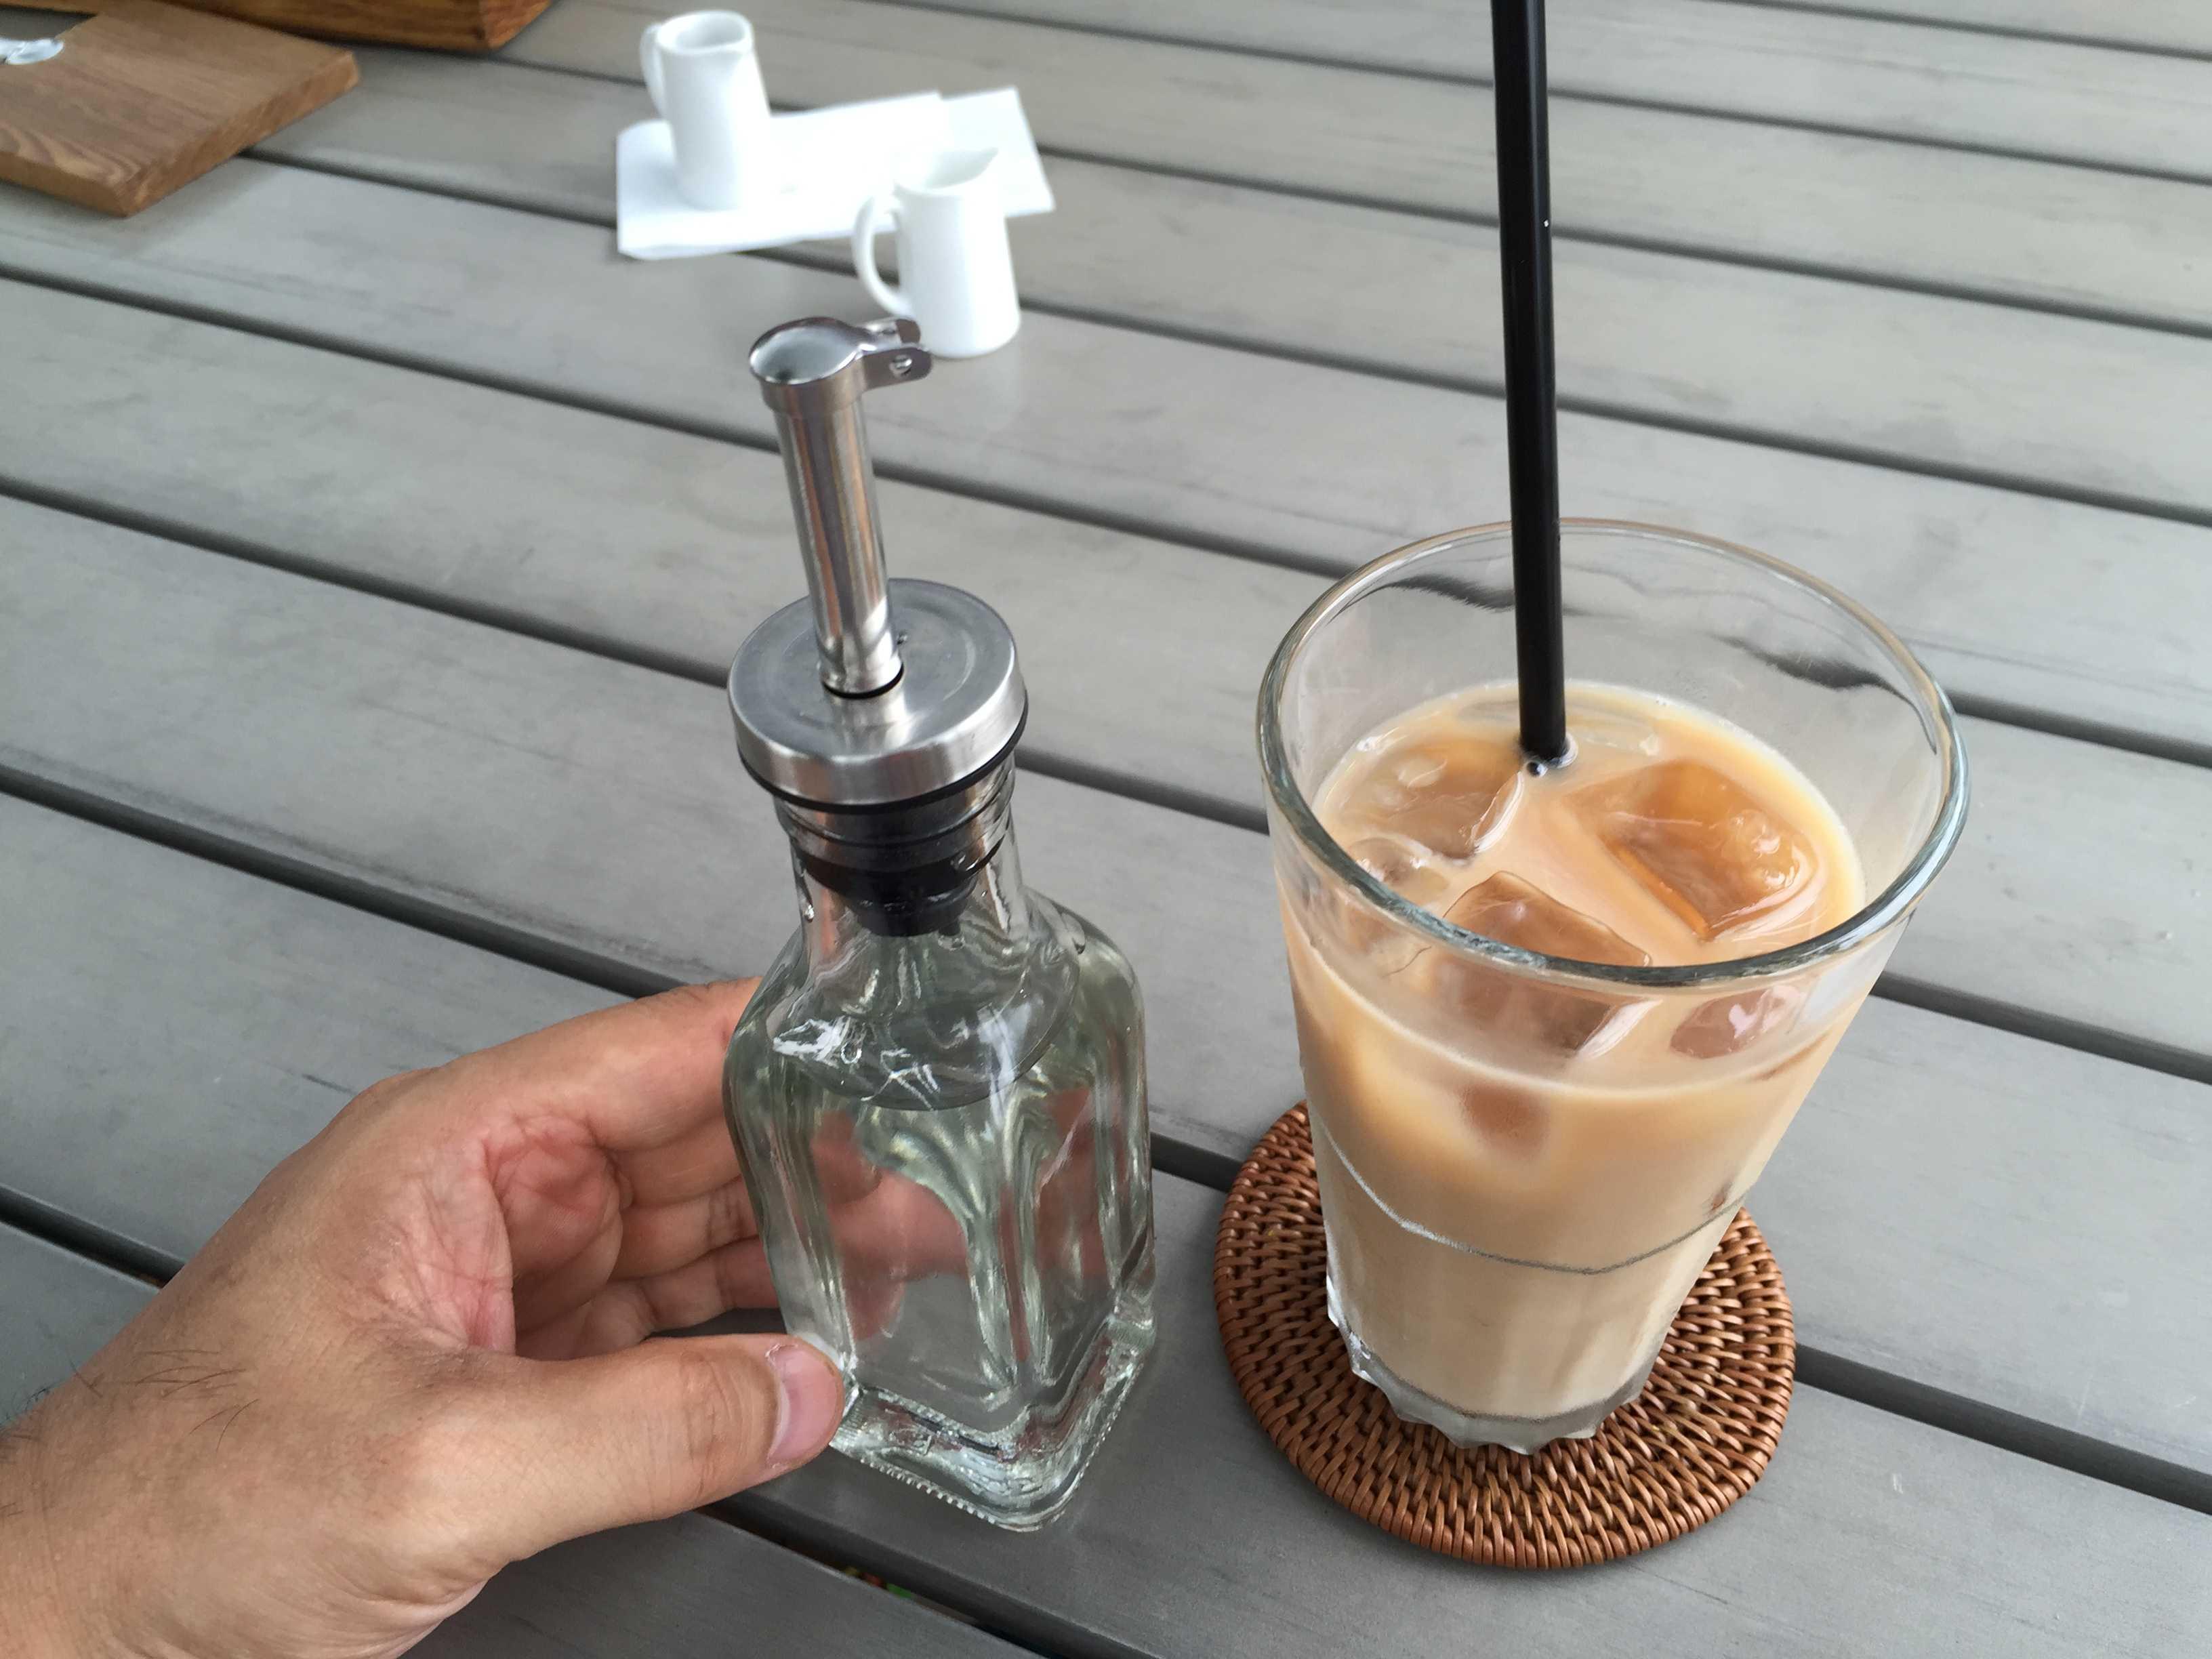 アイスミルクティー - カキノキテラス